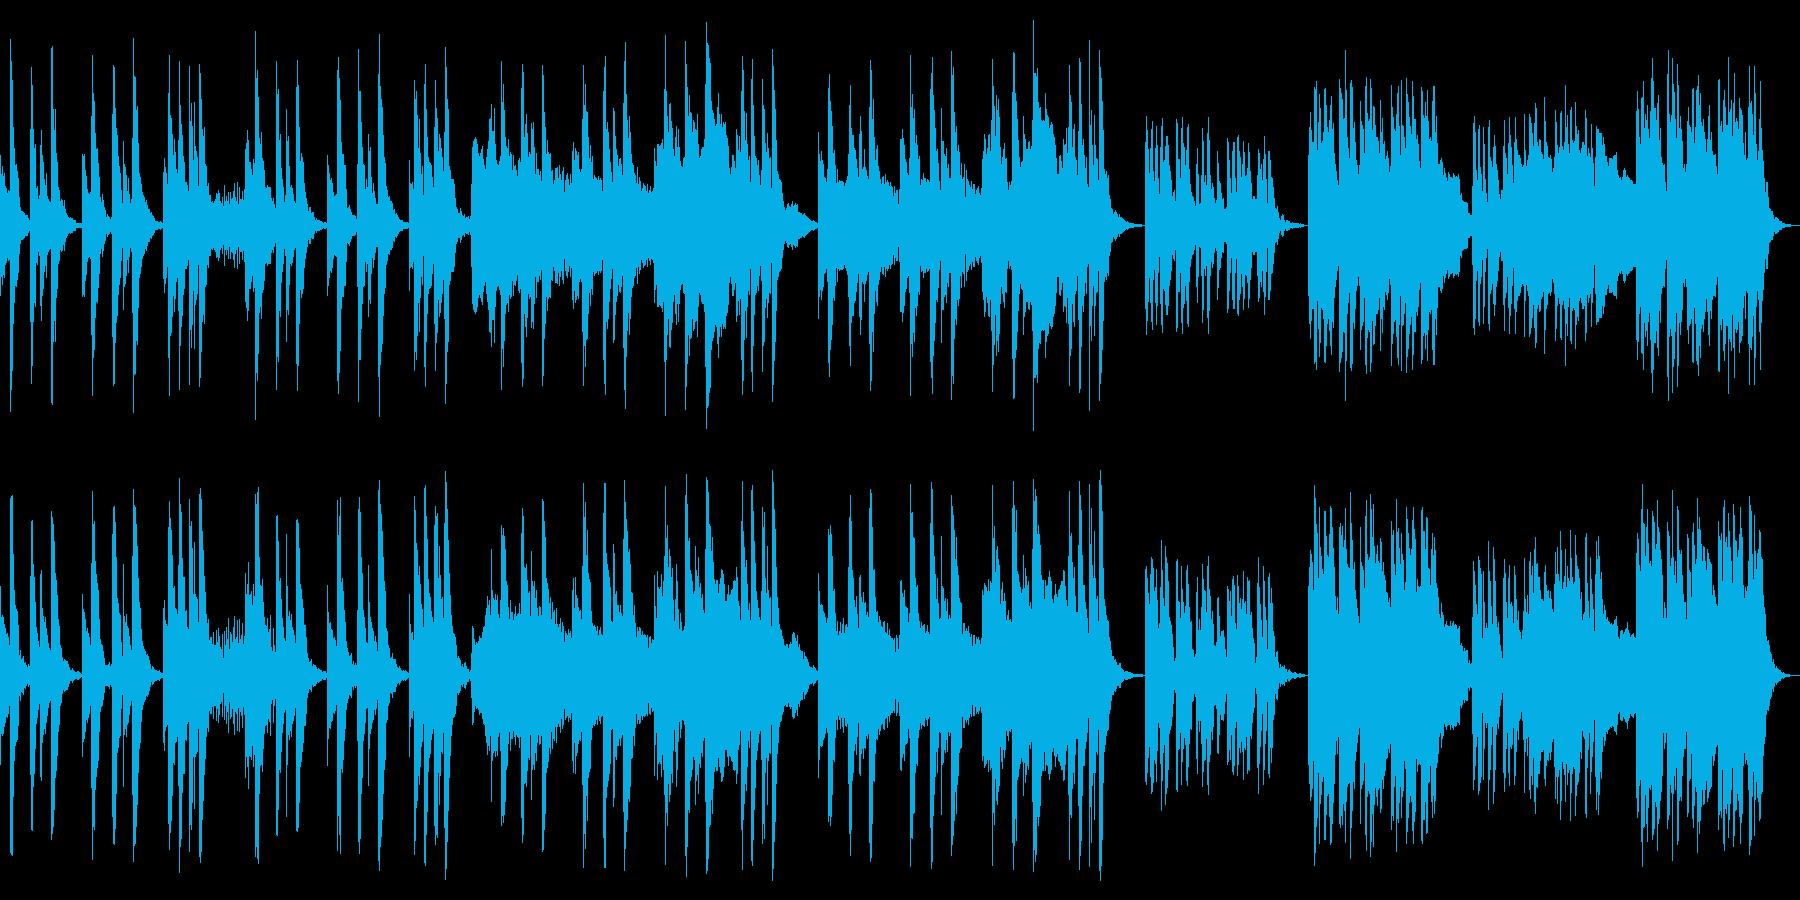 ゆったりで怪しいシンプルな曲の再生済みの波形